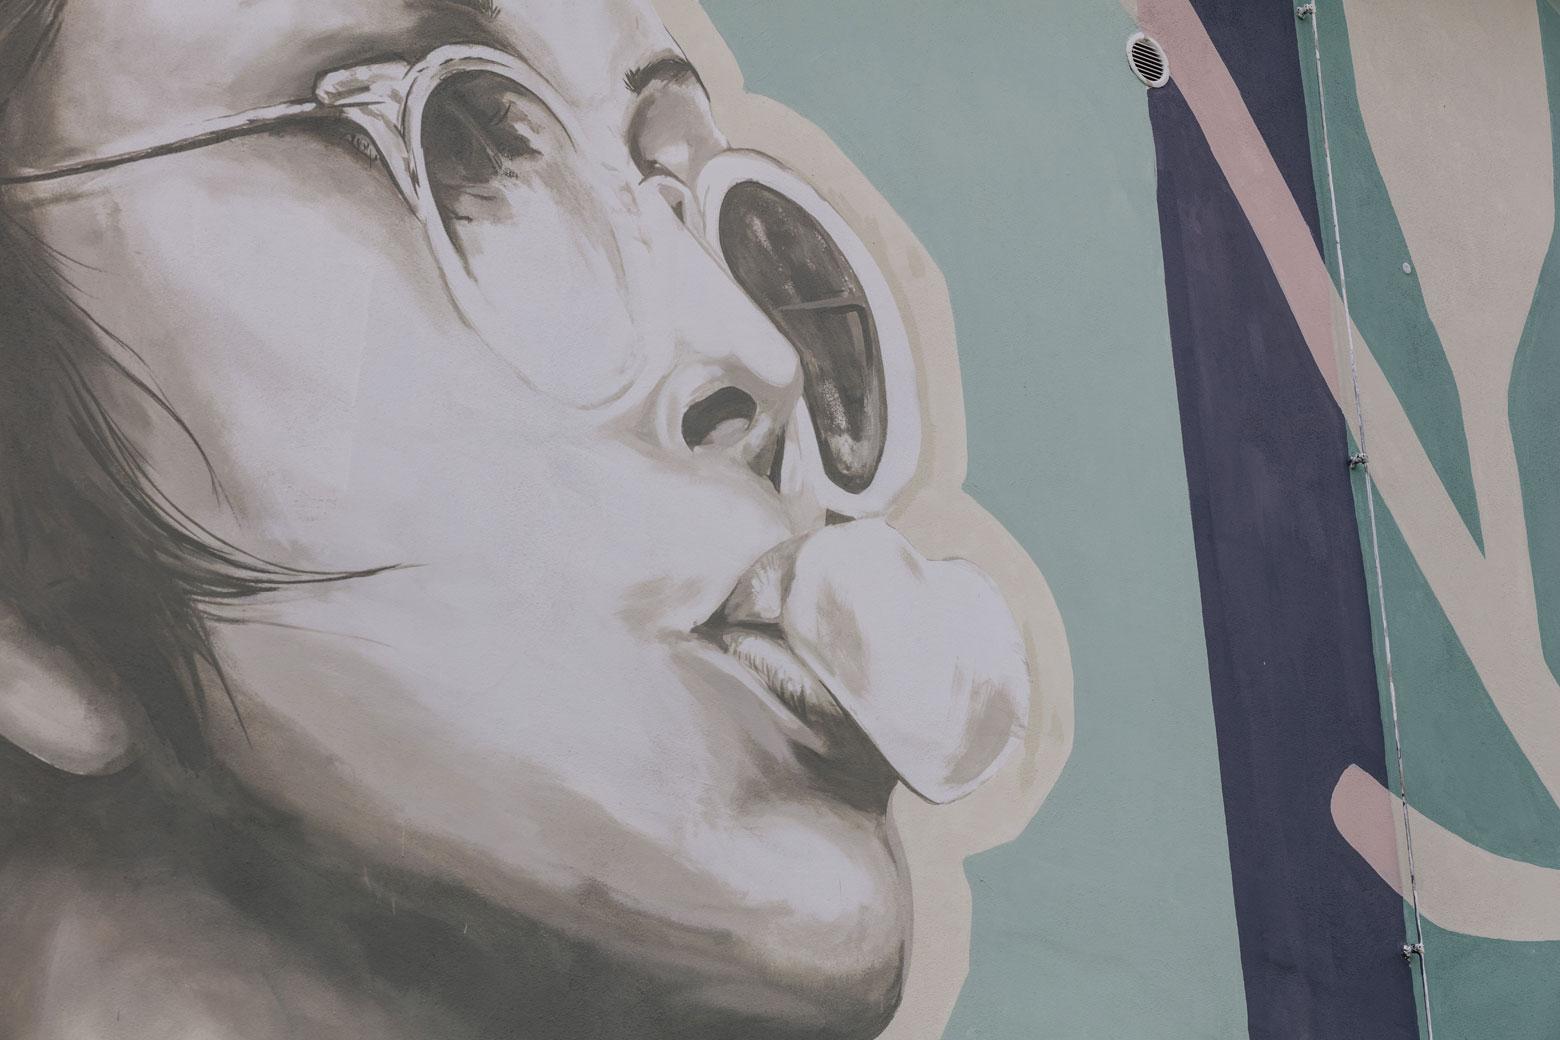 Graffiti-Kunst einer kaugummi-kauenden Frau an dem Filmhaus von Künstler Viktor Sobek